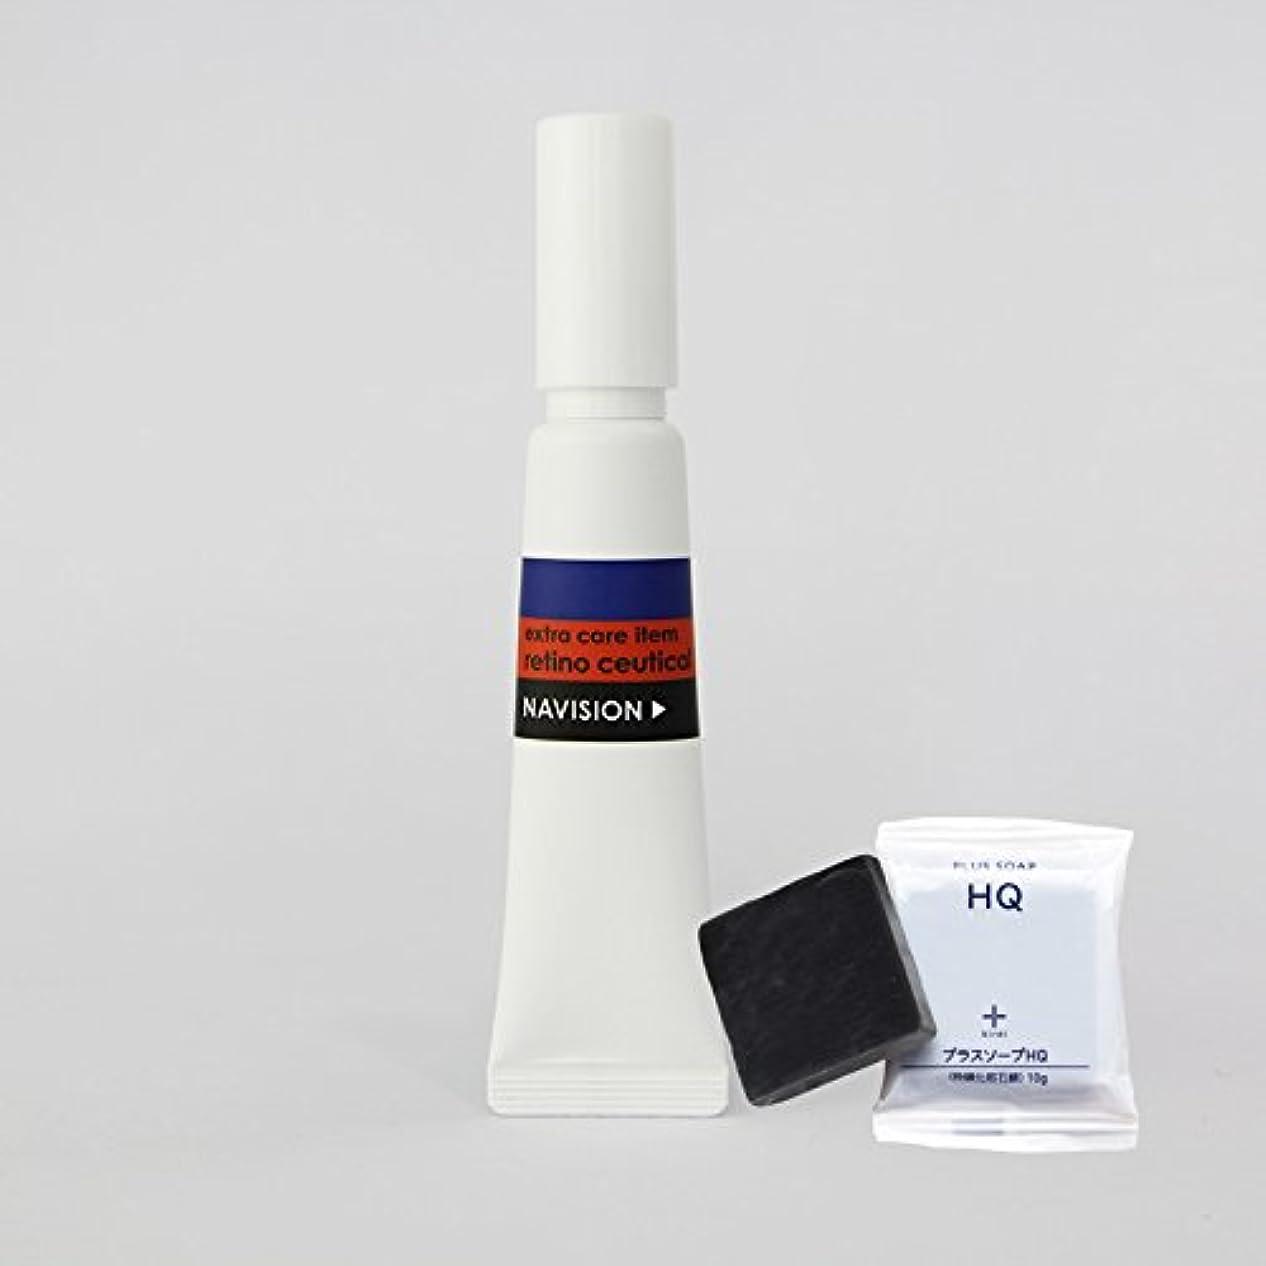 破壊的豊かな名前でナビジョン NAVISION レチノシューティカル 15g (医薬部外品) + プラスキレイ プラスソープHQミニ